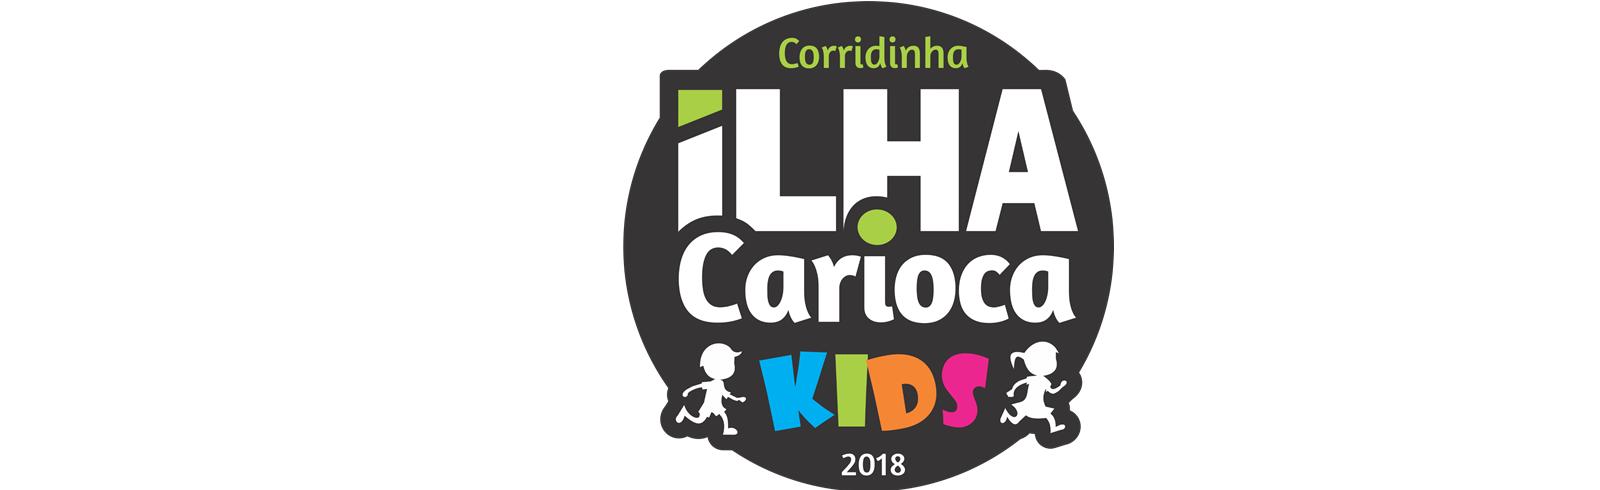 CORRIDINHA ILHA CARIOCA - Imagem de topo